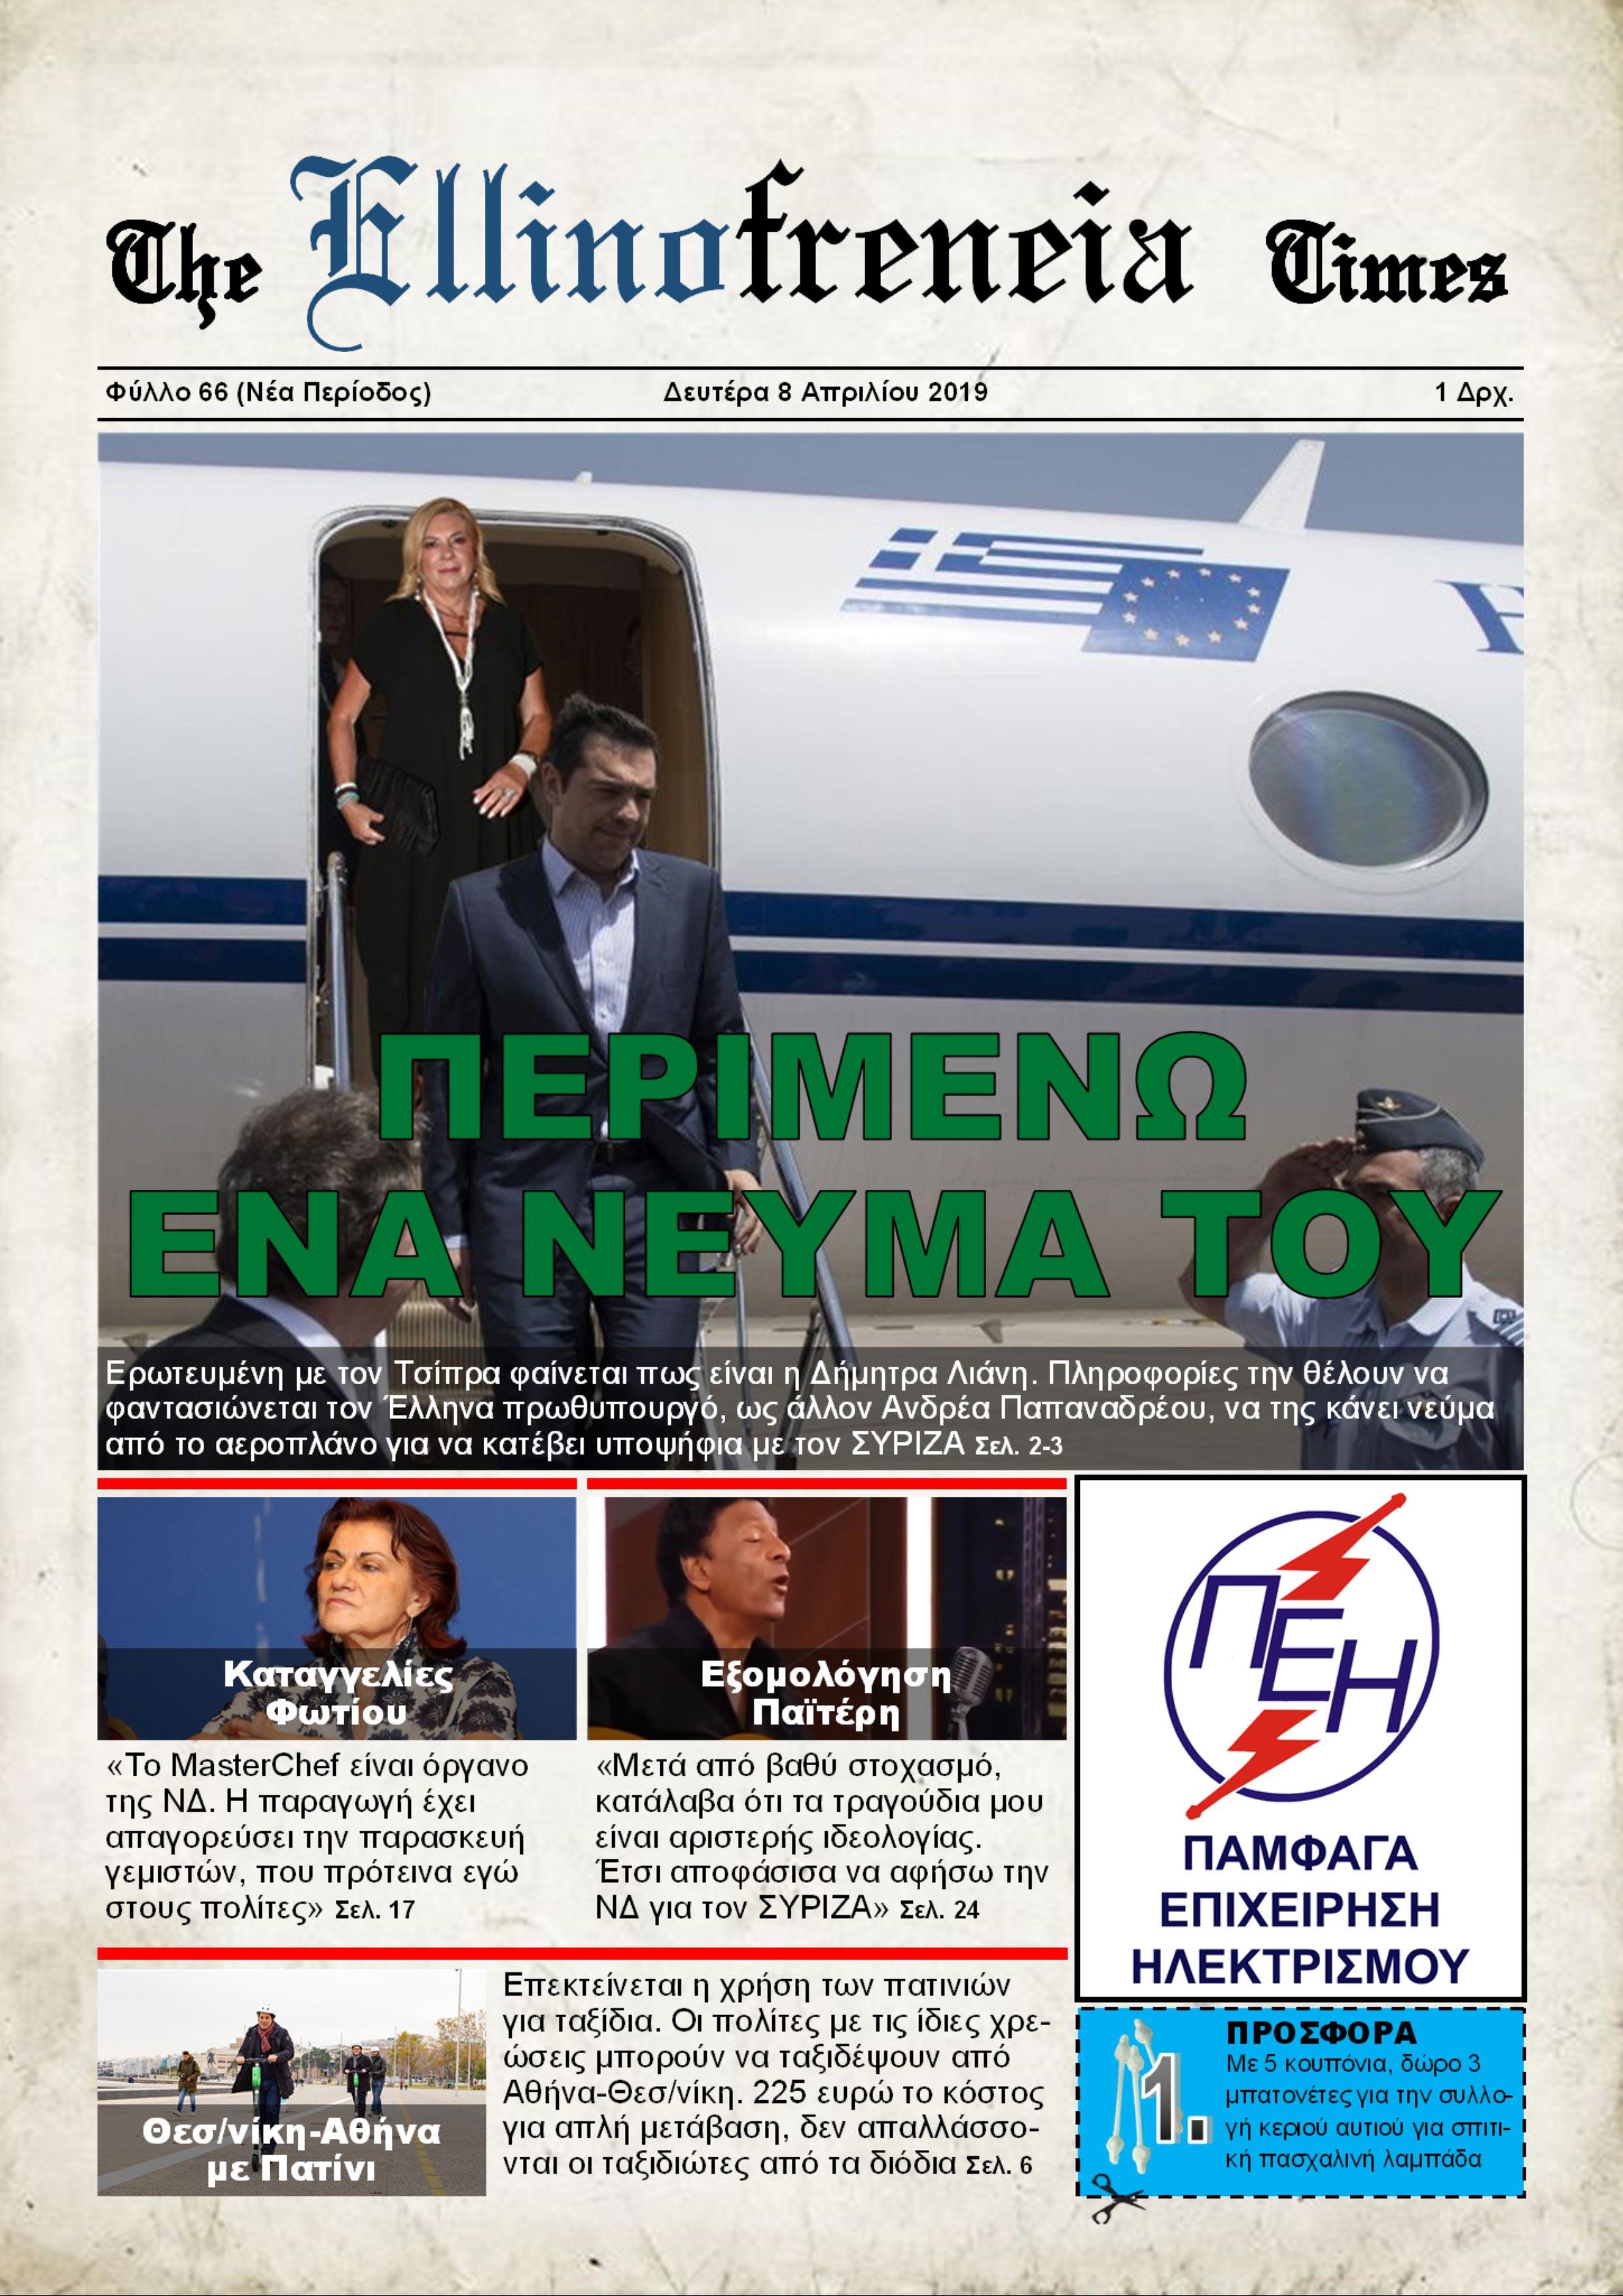 Εφημερίδα, Τσίπρας, Λιάνη, Παϊτέρης